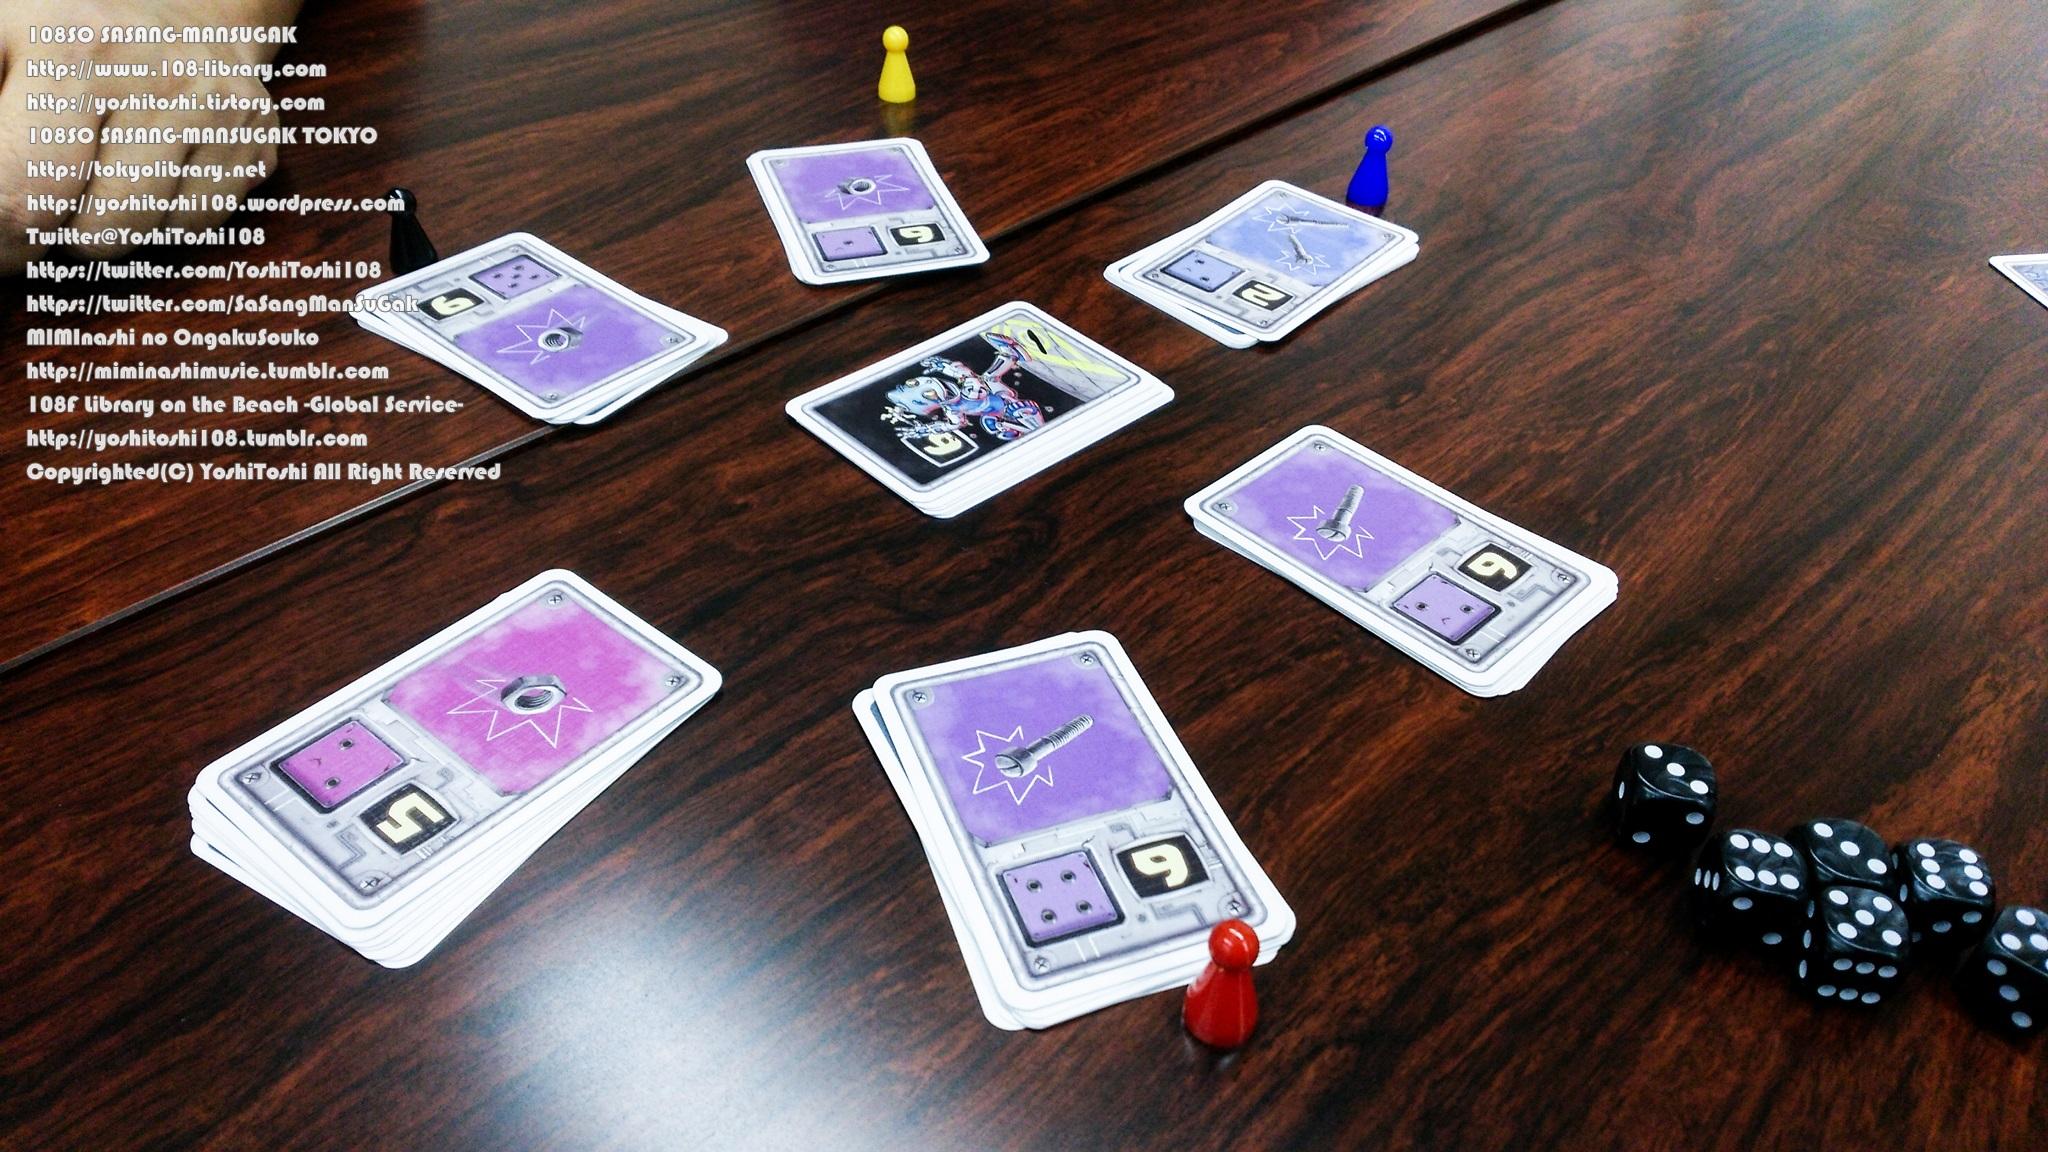 オオバコボドゲ ボードゲーム 写真 シャウブロッカー